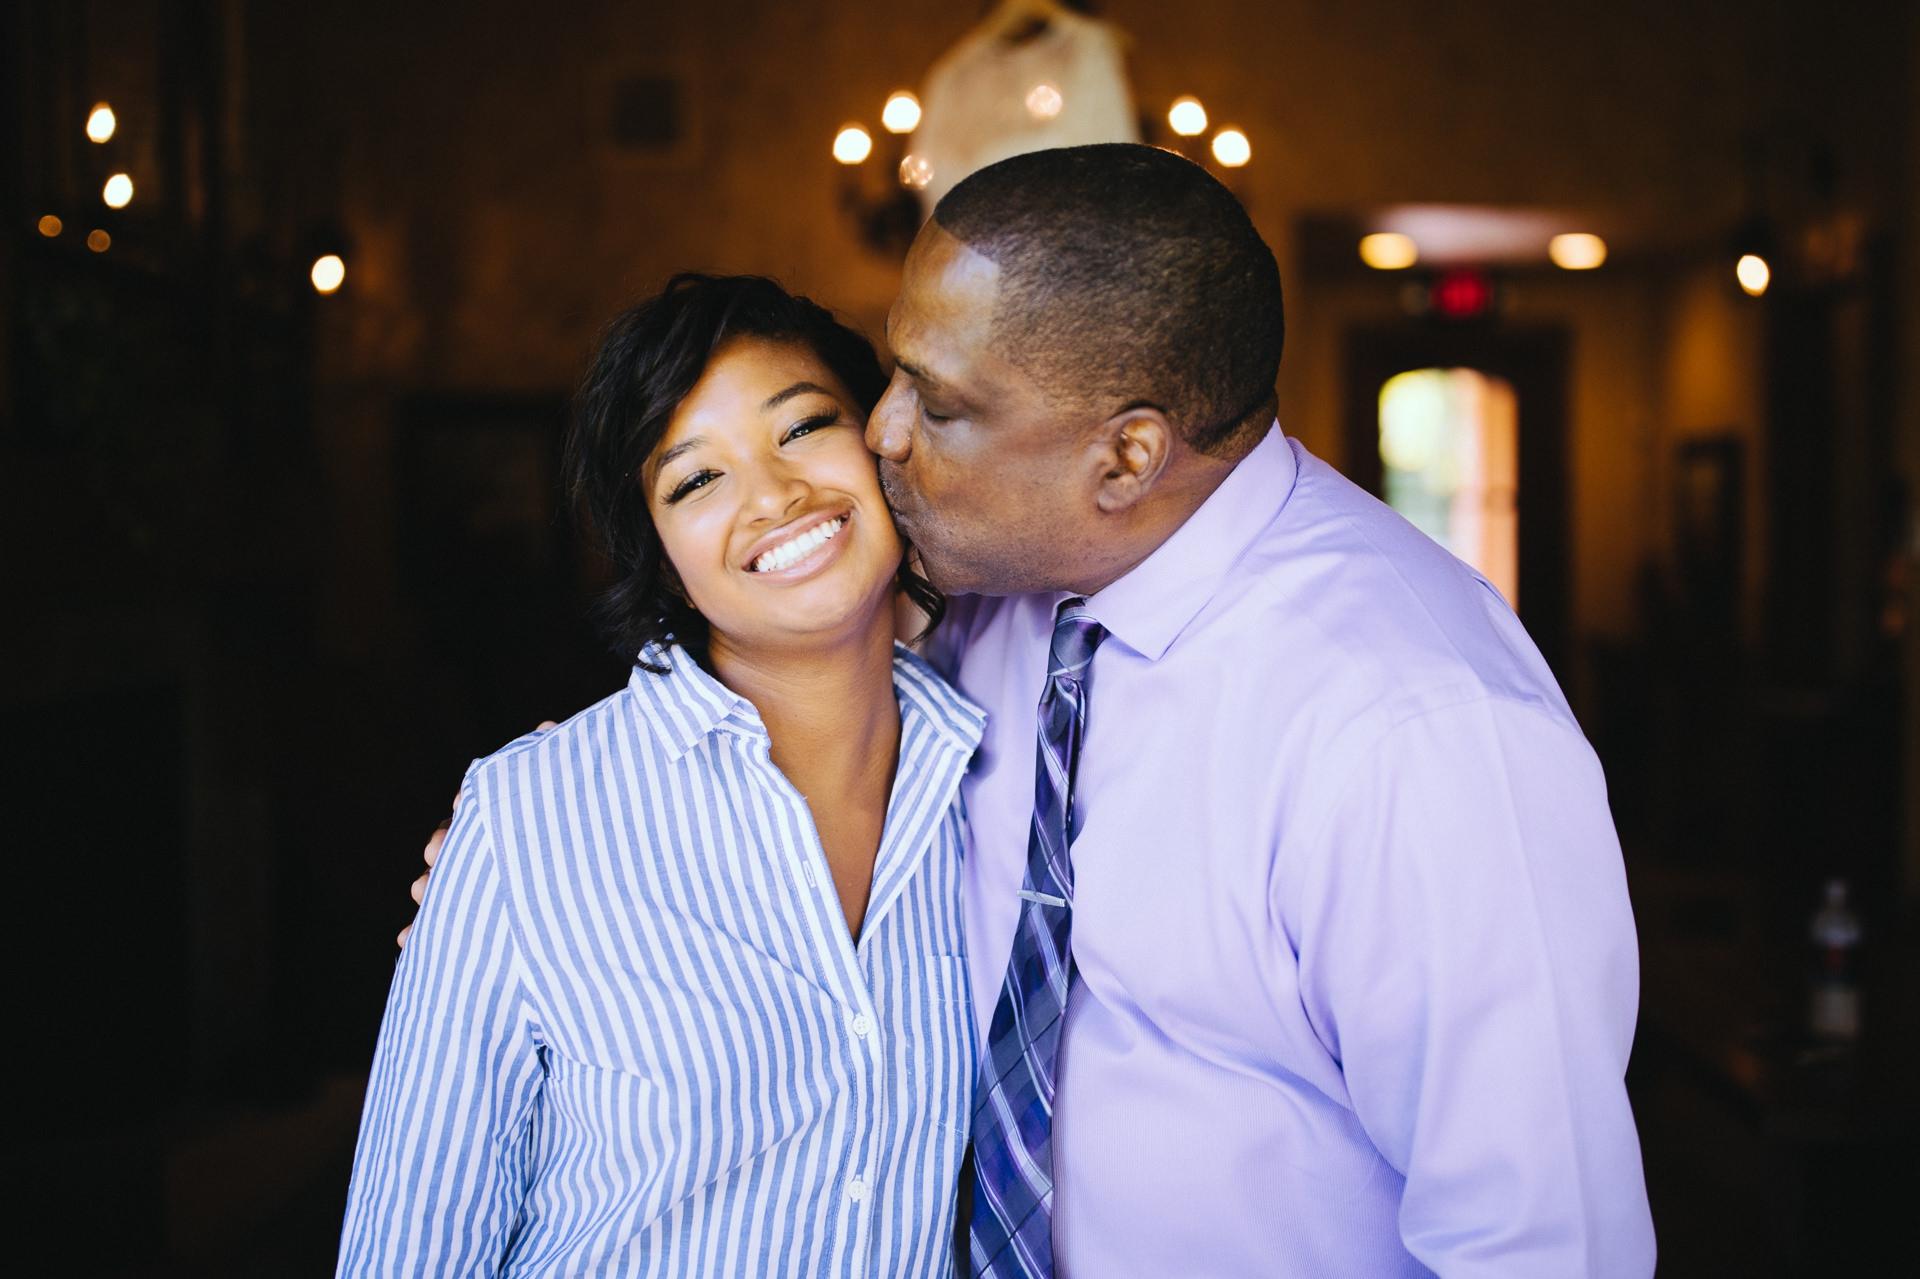 Gervasi Wedding Photographer in Canton Ohio 10.jpg